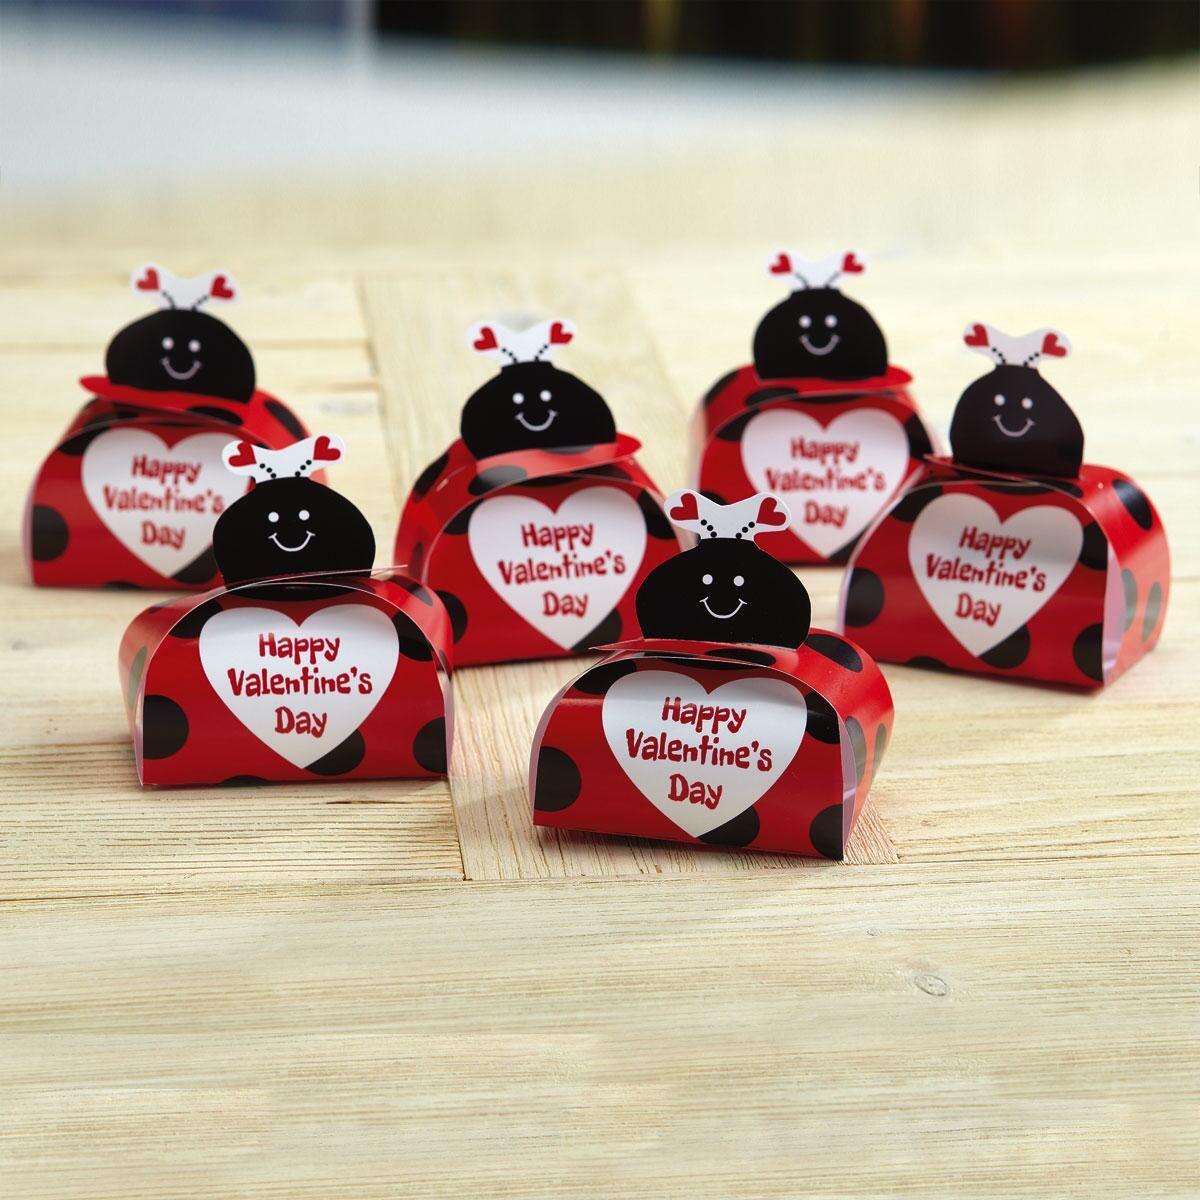 Ladybug Valentine Favor Boxes - BOGO